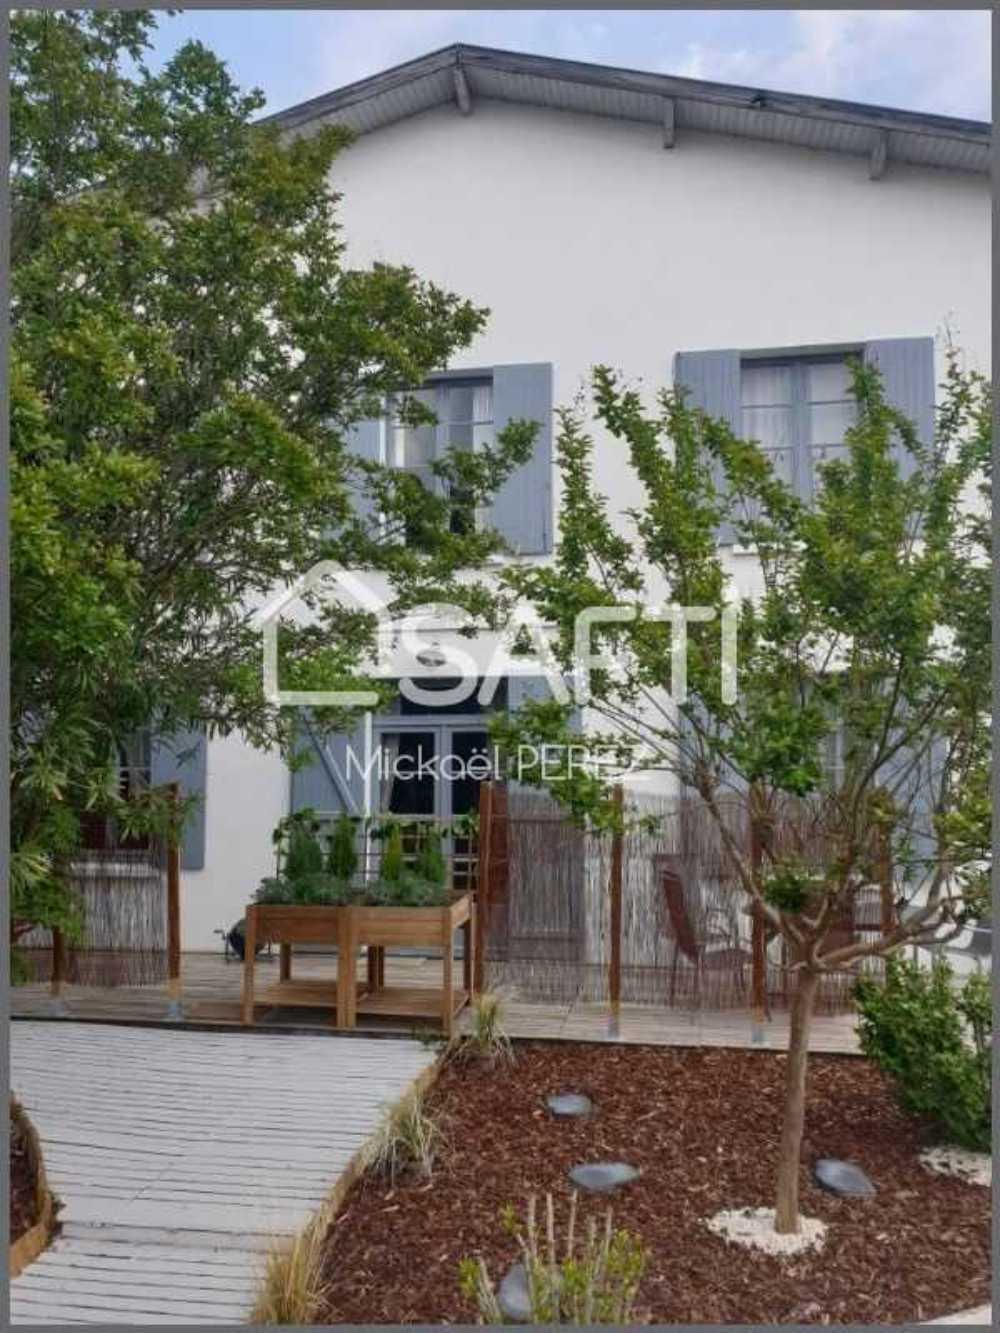 Saint-Seurin-de-Cadourne Gironde Haus Bild 4077991